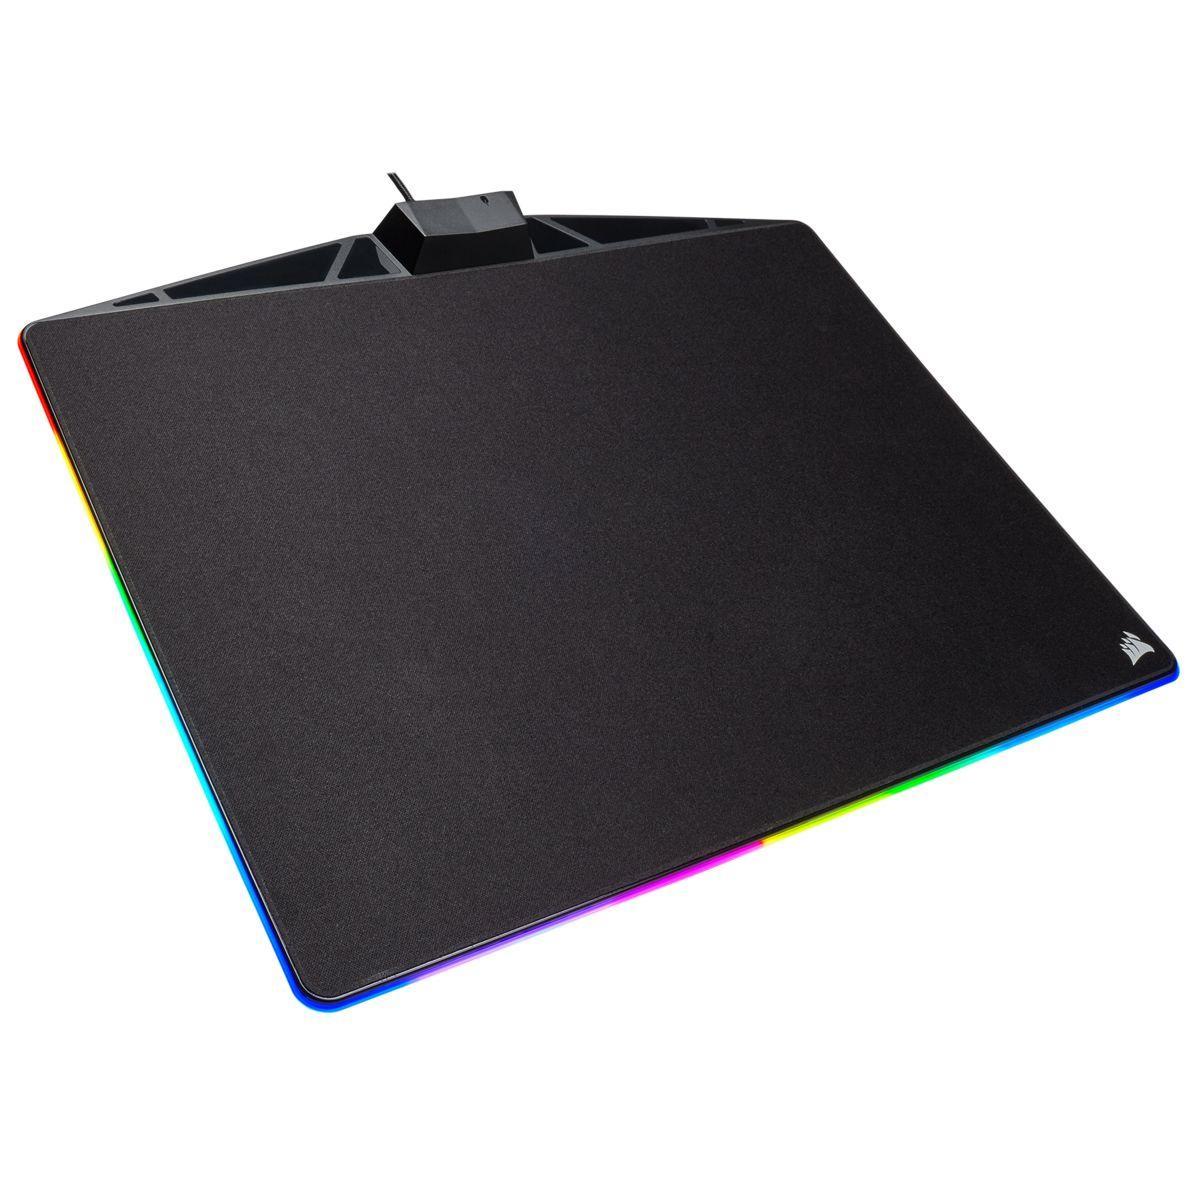 Игровая поверхность Corsair MM800 RGB Polaris Cloth Edition Black (CH-9440021-EU)